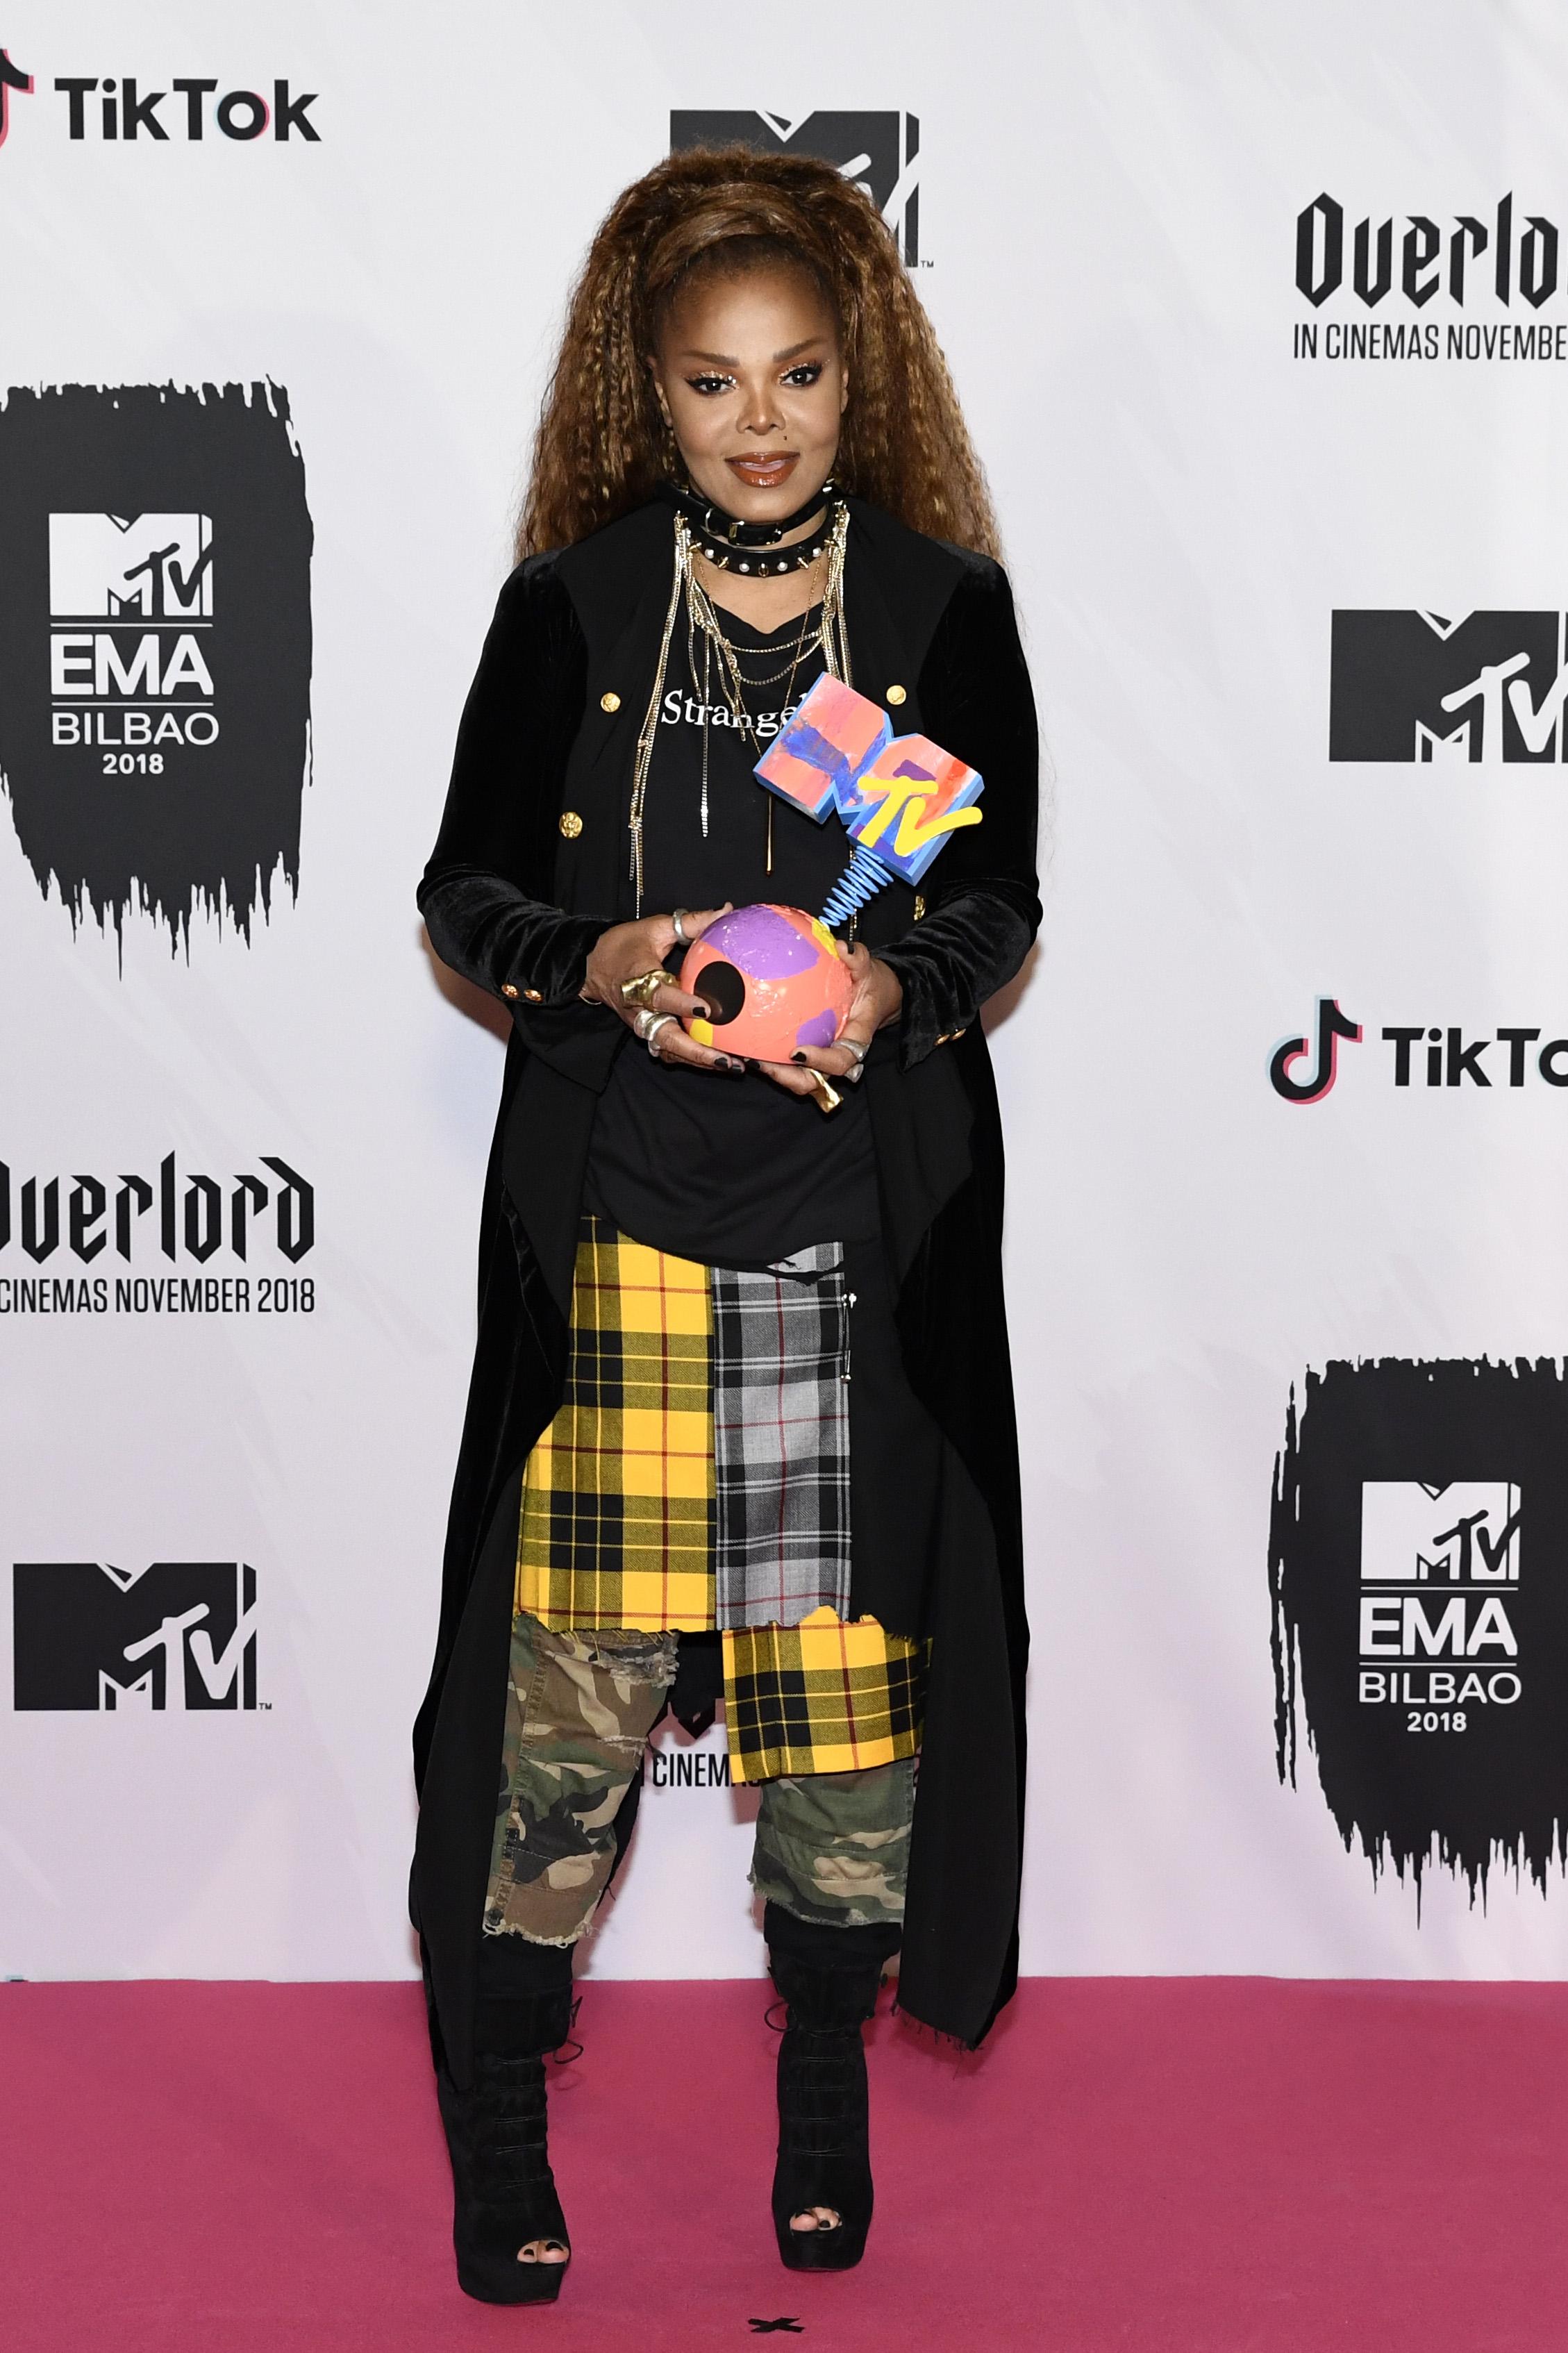 """Камила Кабело е големият победител на церемонията за Европейските музикални награди на MTV, след като спечели призовете за най-добра песен, най-добър изпълнител, най-добро видео и най-добър американски изпълнител. """"Тази година е най-добрата в живота ми"""", заяви 21-годишната Кабело, която през август спечели две от най-престижните видео музикални награди на MTV - за изпълнител на годината и видео на годината. 2018 г. действително е много успешна за нея - освен наградите, хитът й """"Havana"""" с участието на Йънг Тъг достигна челото в класацията по продажби в САЩ в края на януари, а аудио версия на песента е слушана 1,3 милиарда пъти в Ютюб."""